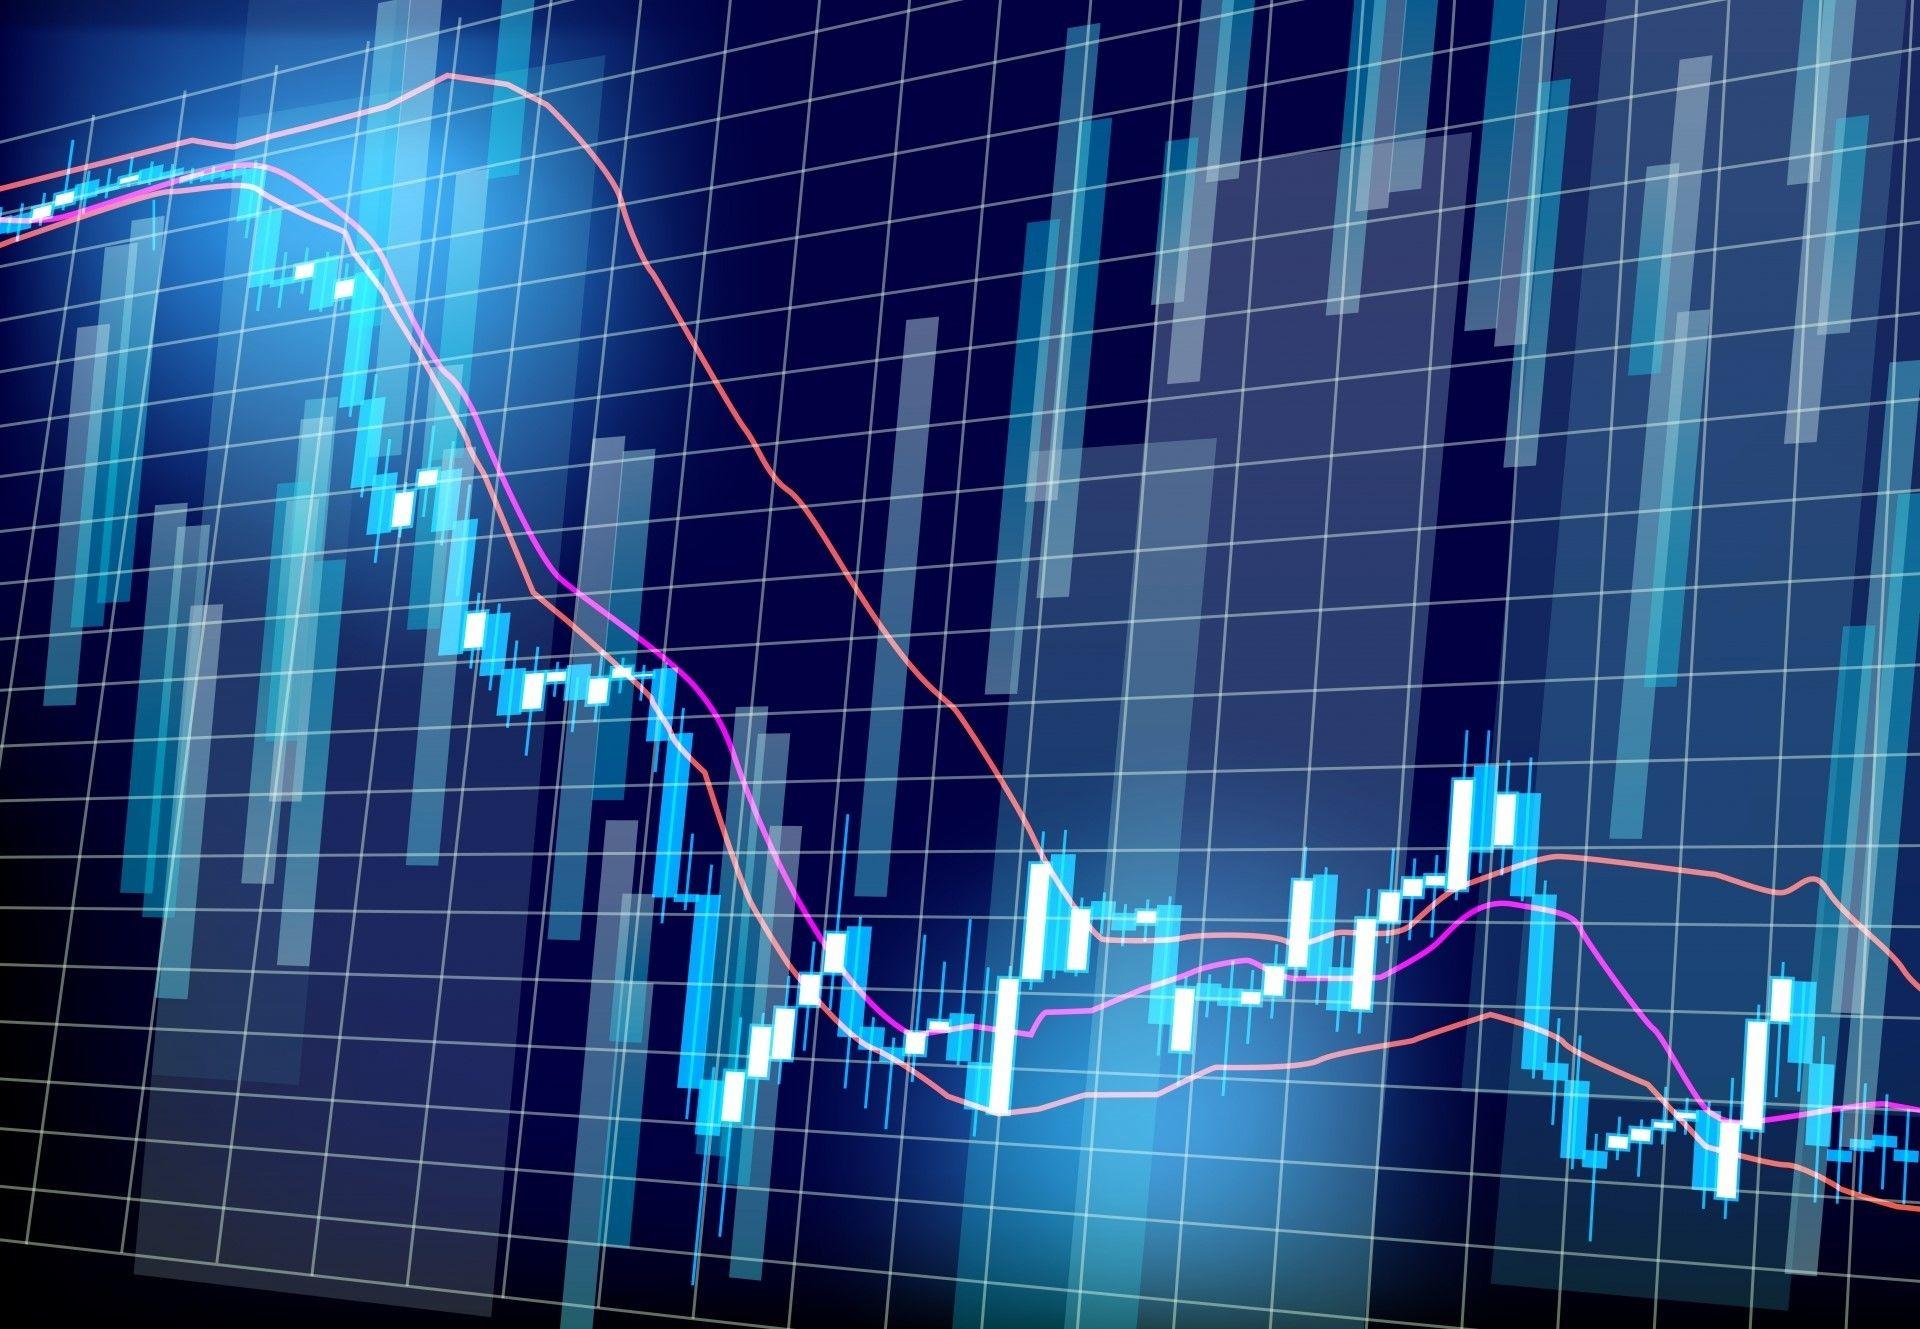 株式投資で知っておきたい「アノマリー」って何?